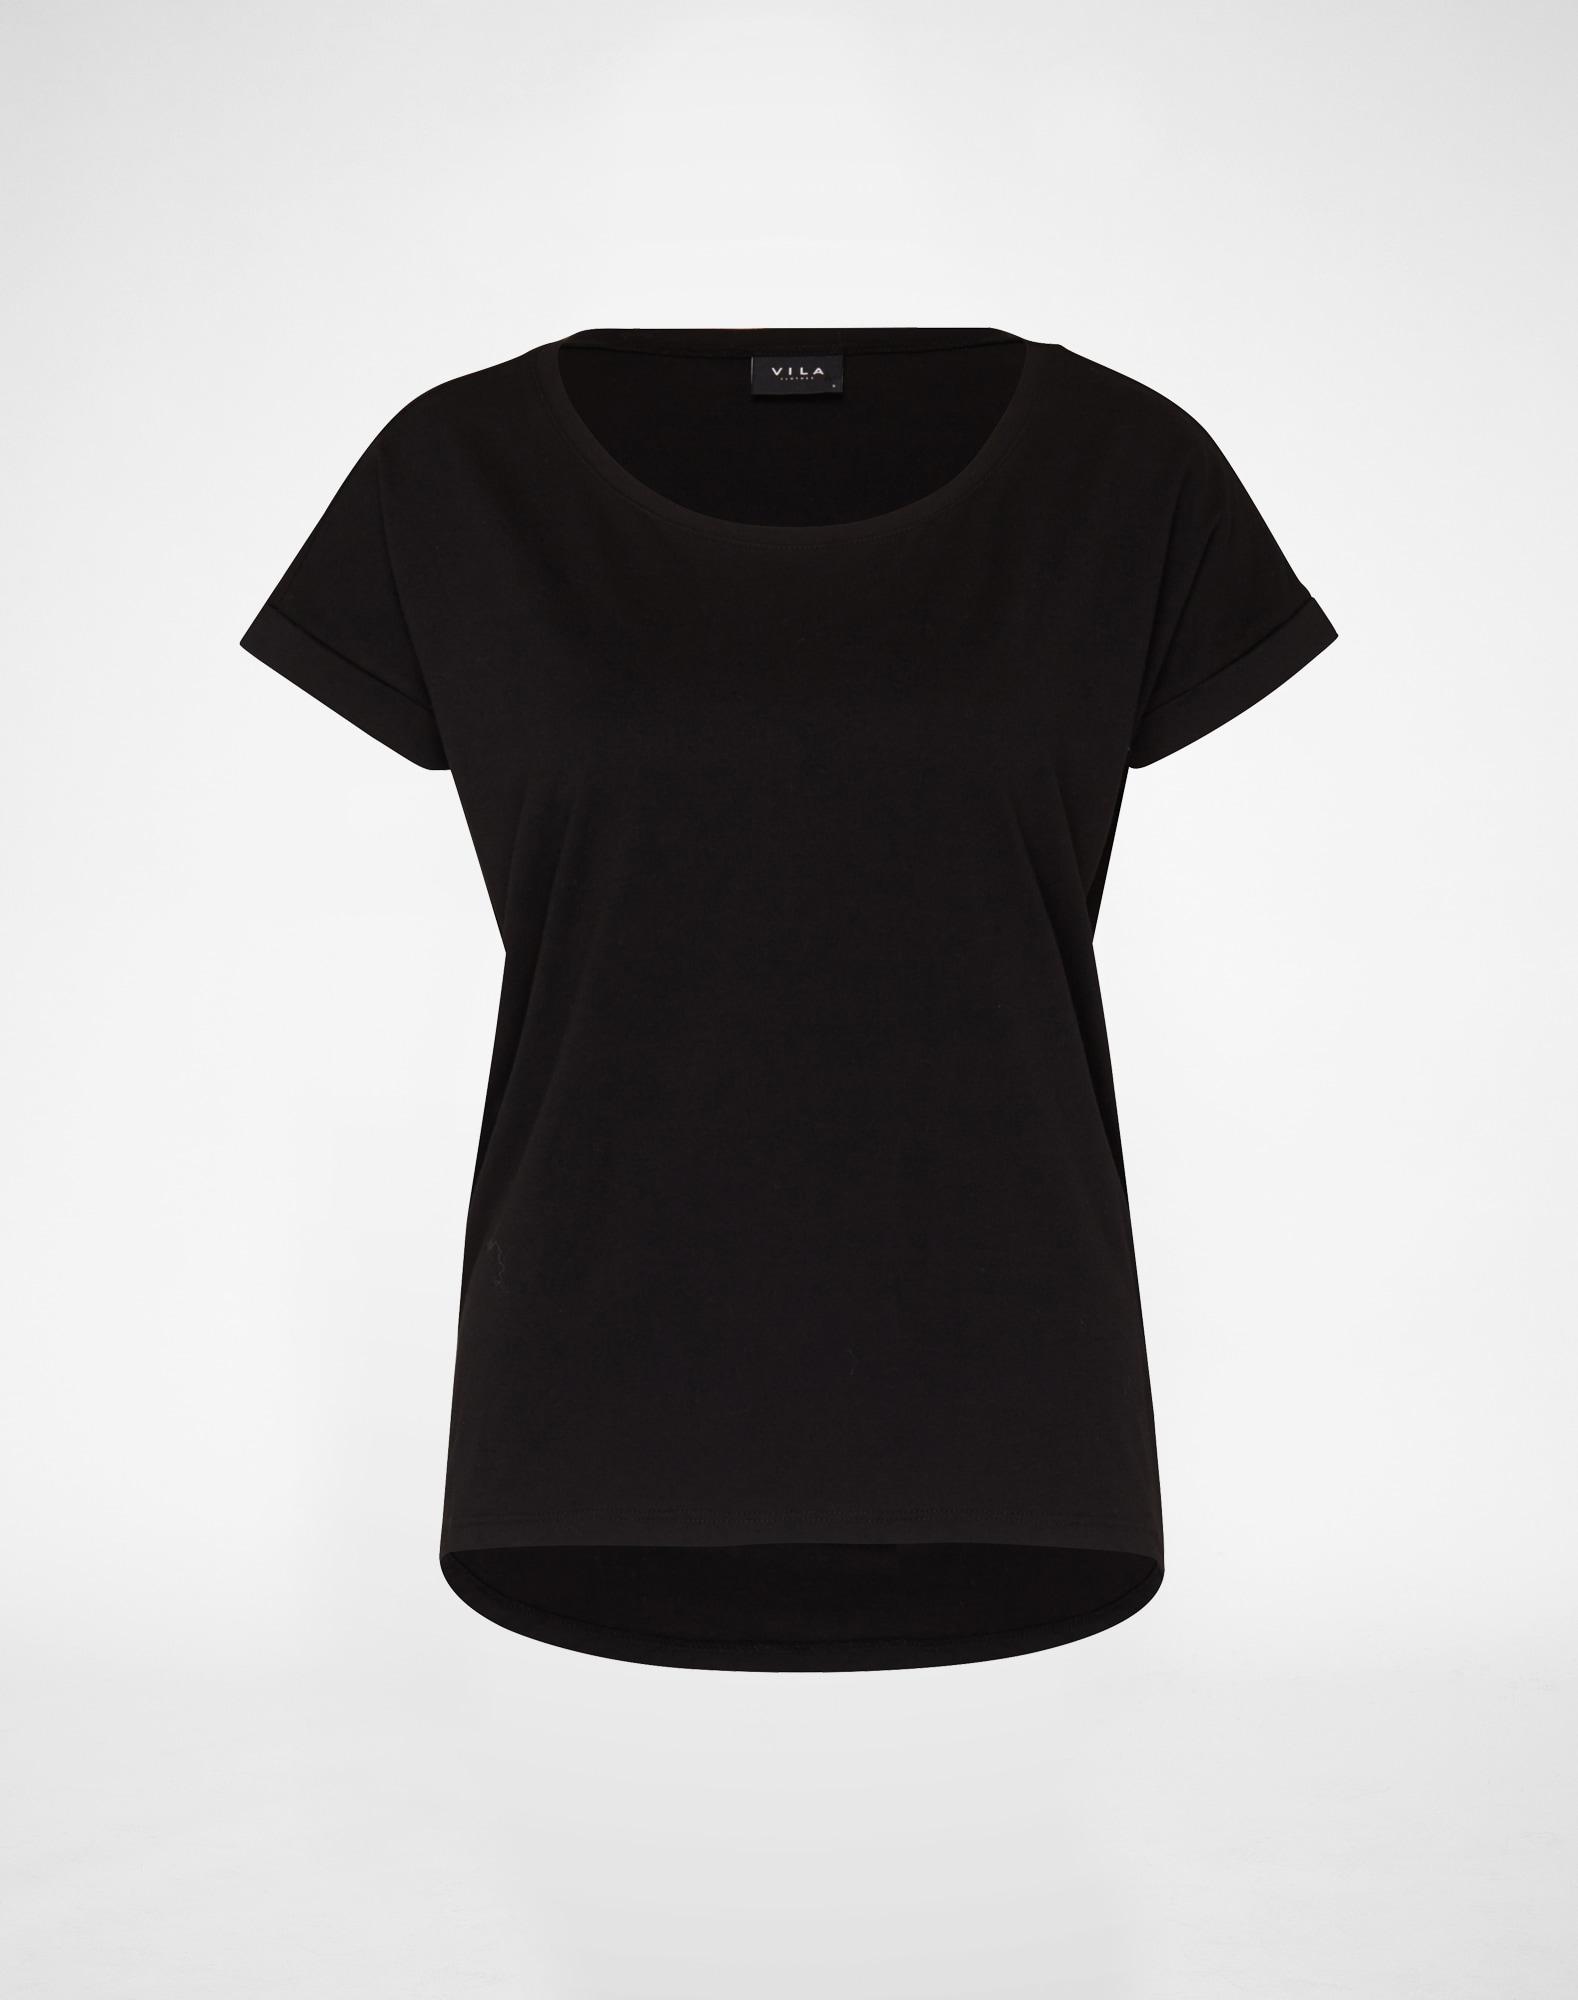 VILA, Dames Shirt 'Dreamers', zwart